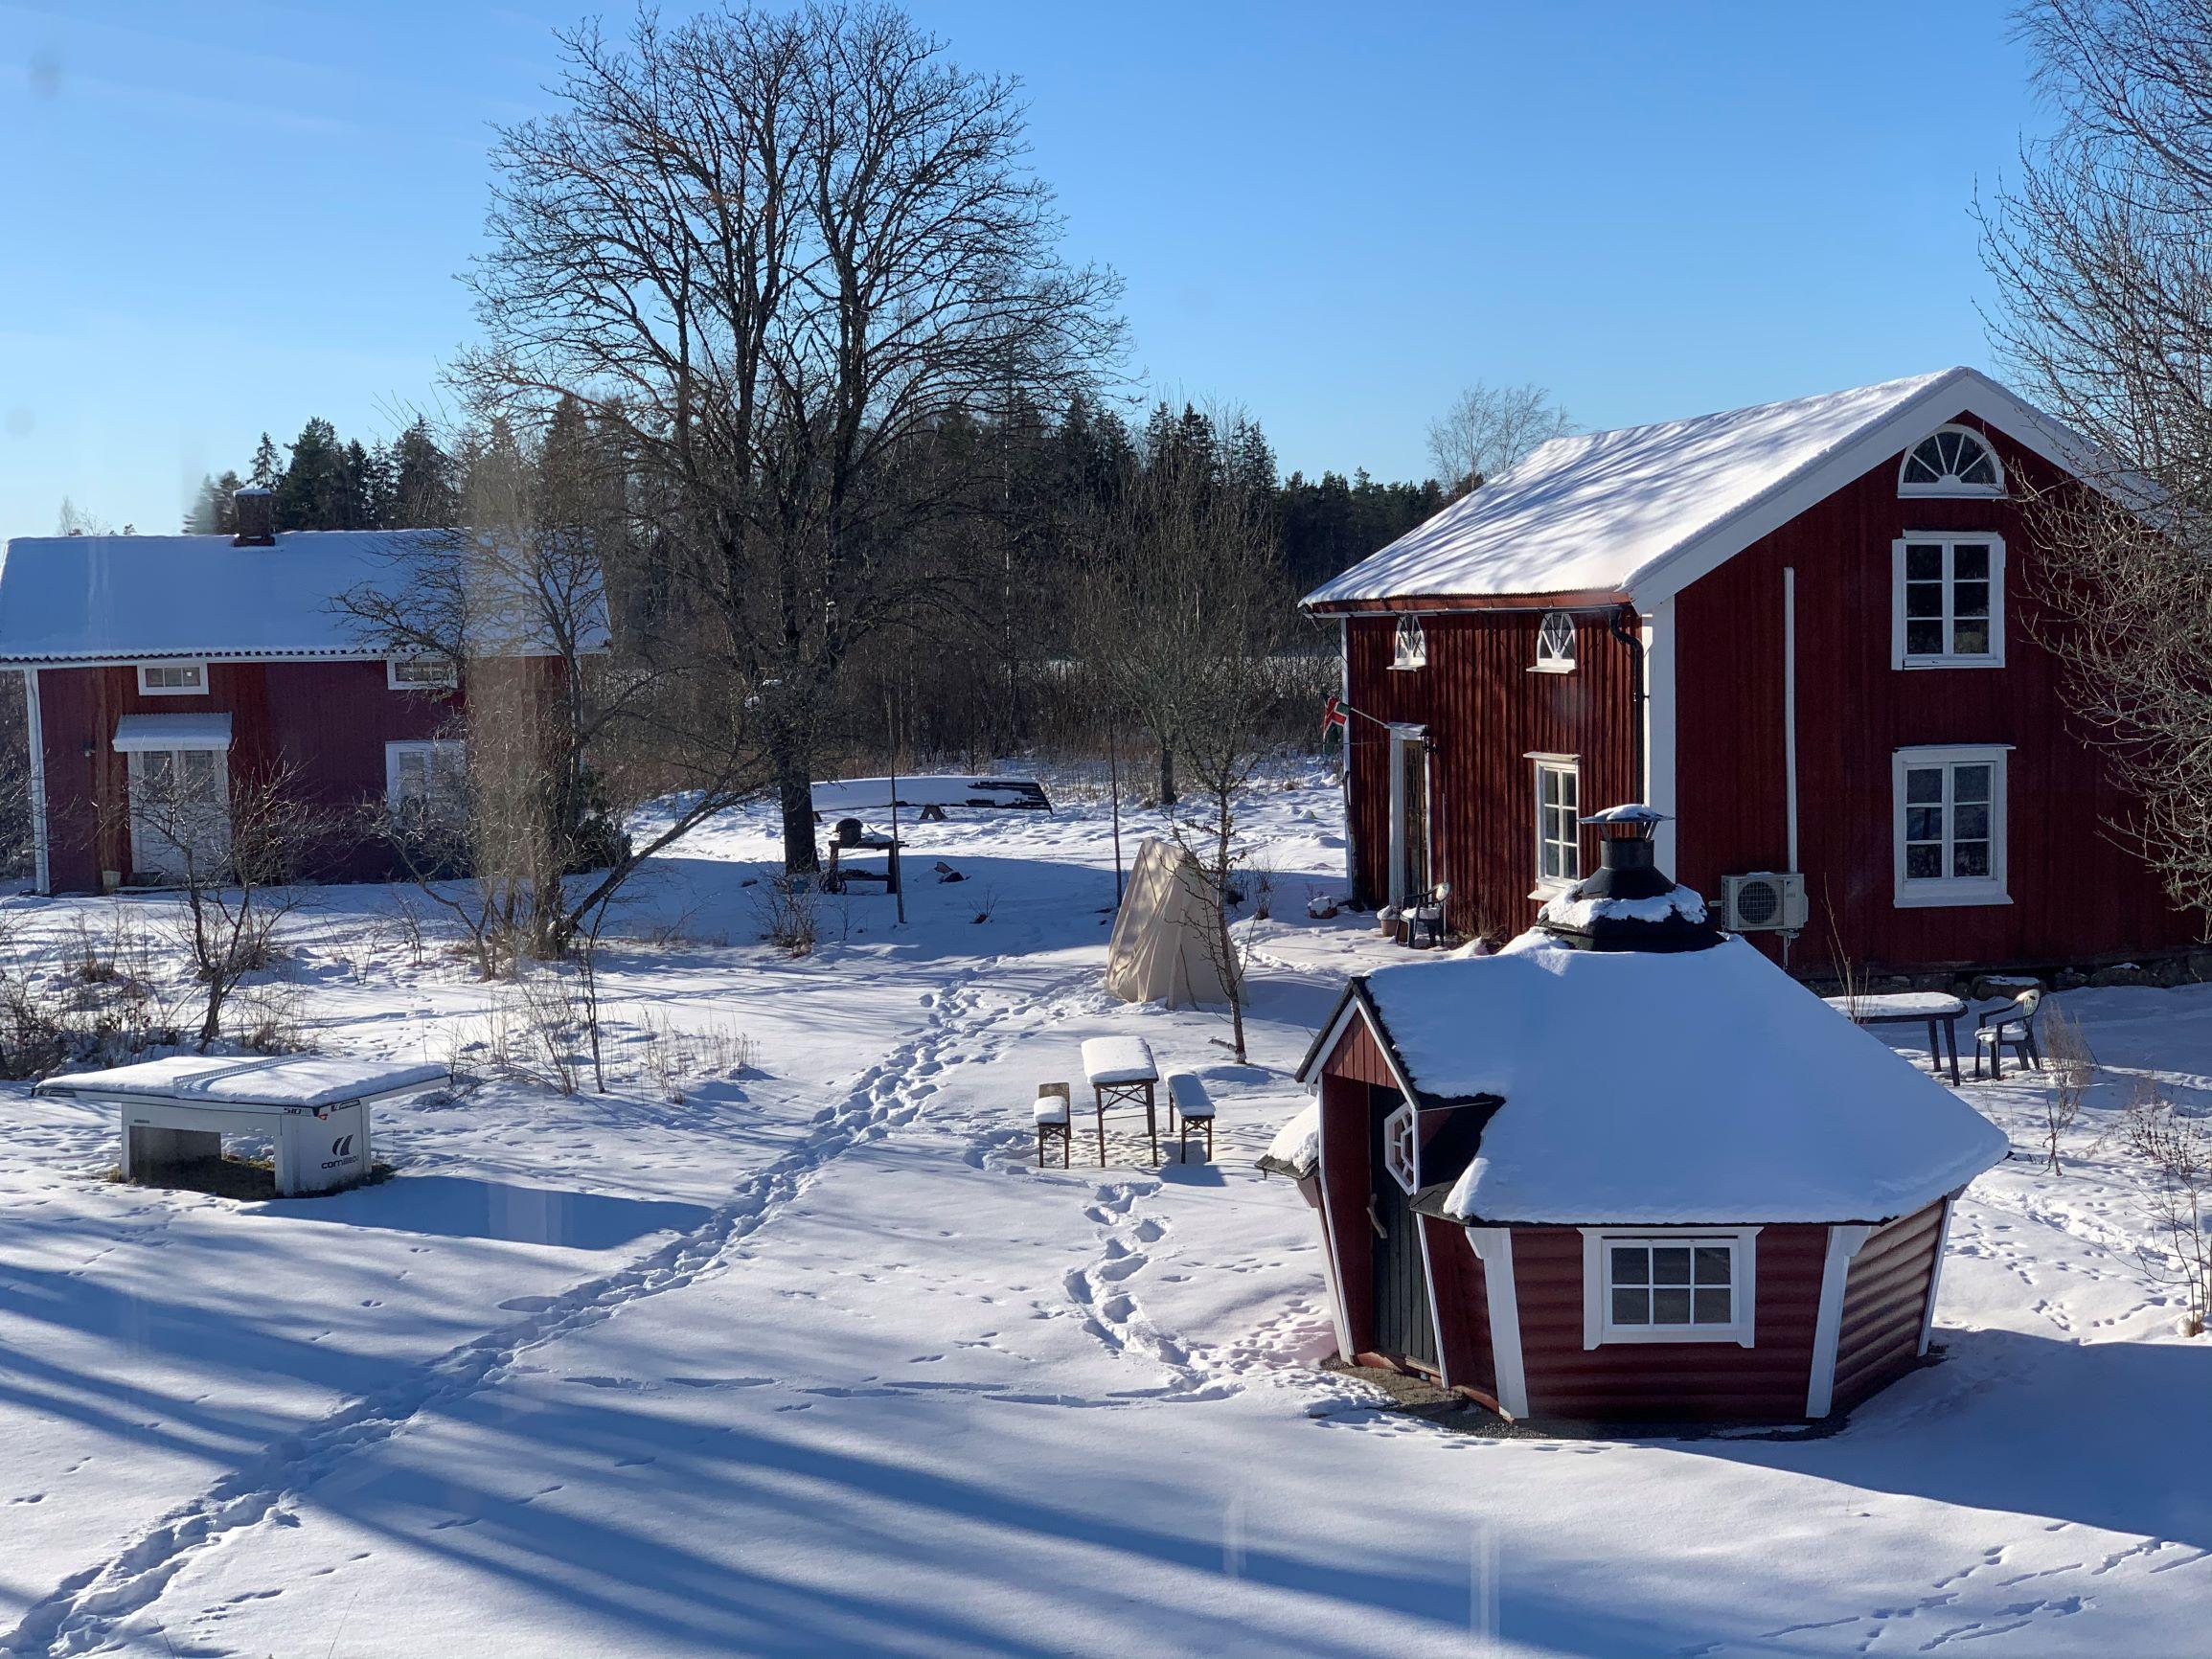 Torp Staveryd Ein Teil Des Anwesens Mit Kleinem Wohnhaus, Haus Aus Dem 1.700 Jahrhundert Und Grillhütte